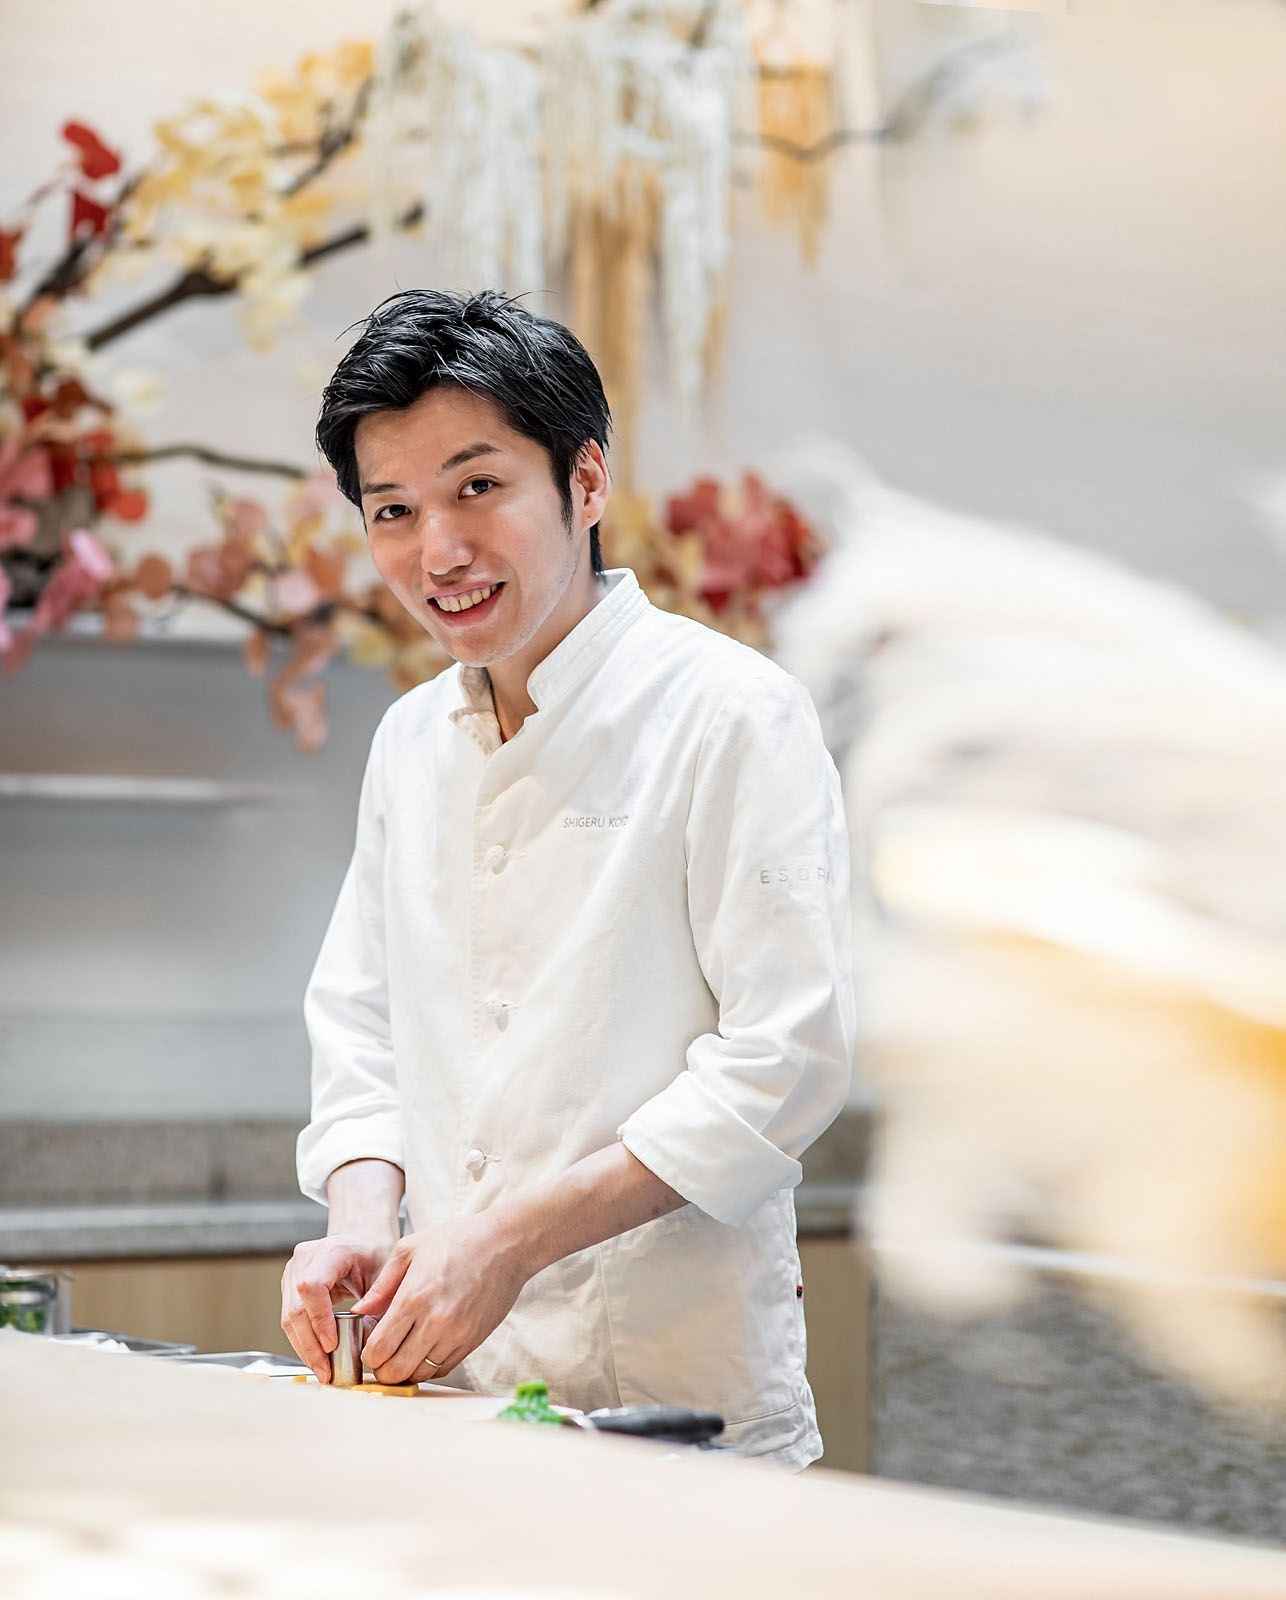 Chef Shigeru Koizumi